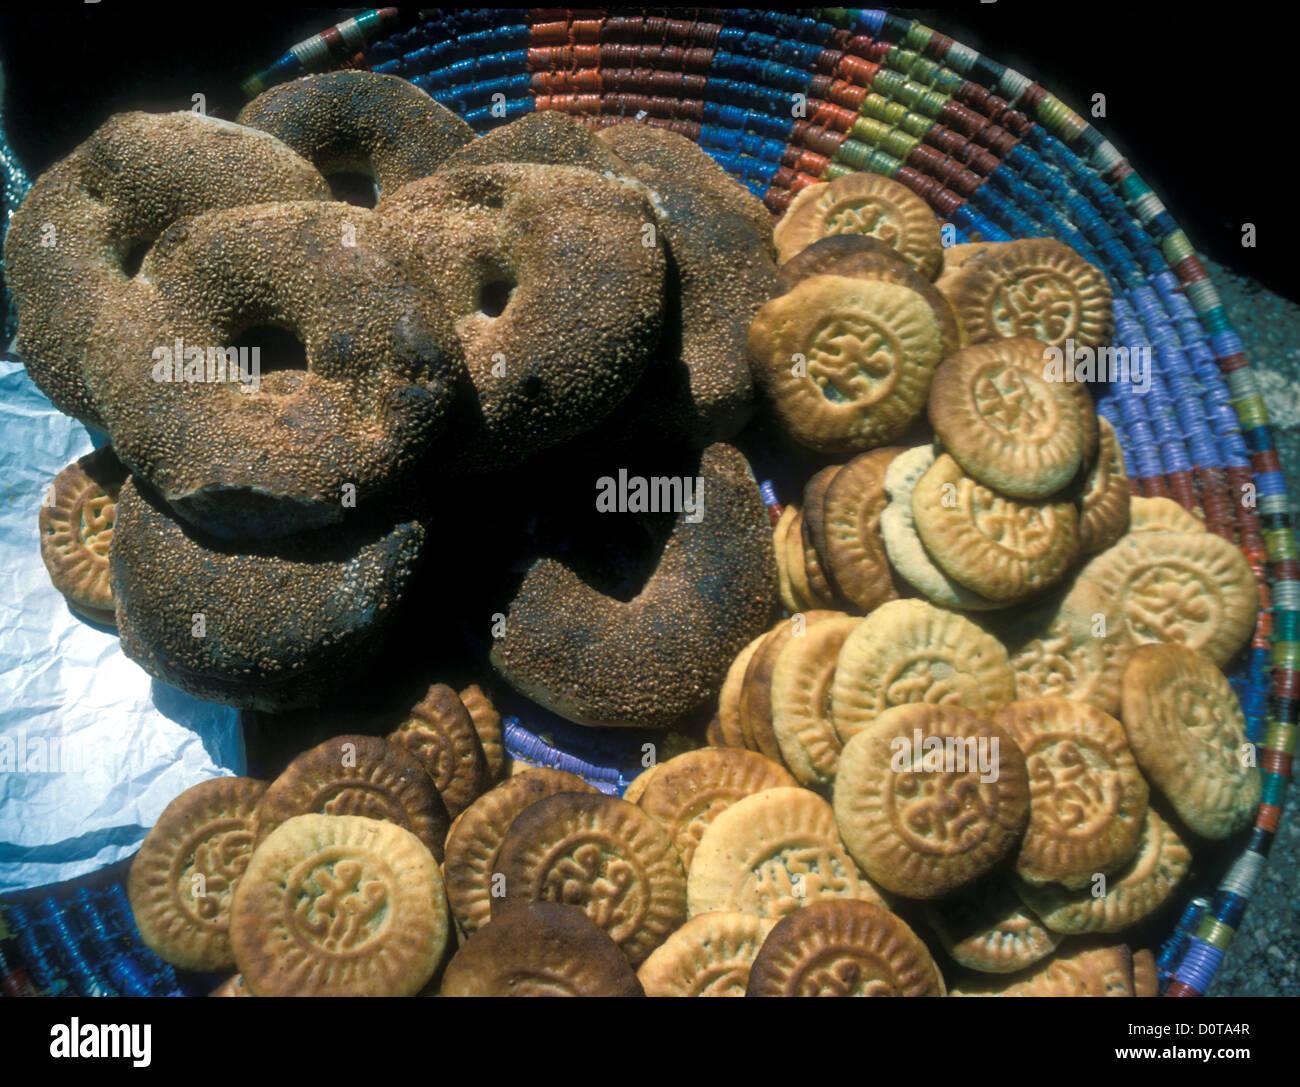 Kaik anelli di pane con semi di sesamo e biscotti Immagini Stock